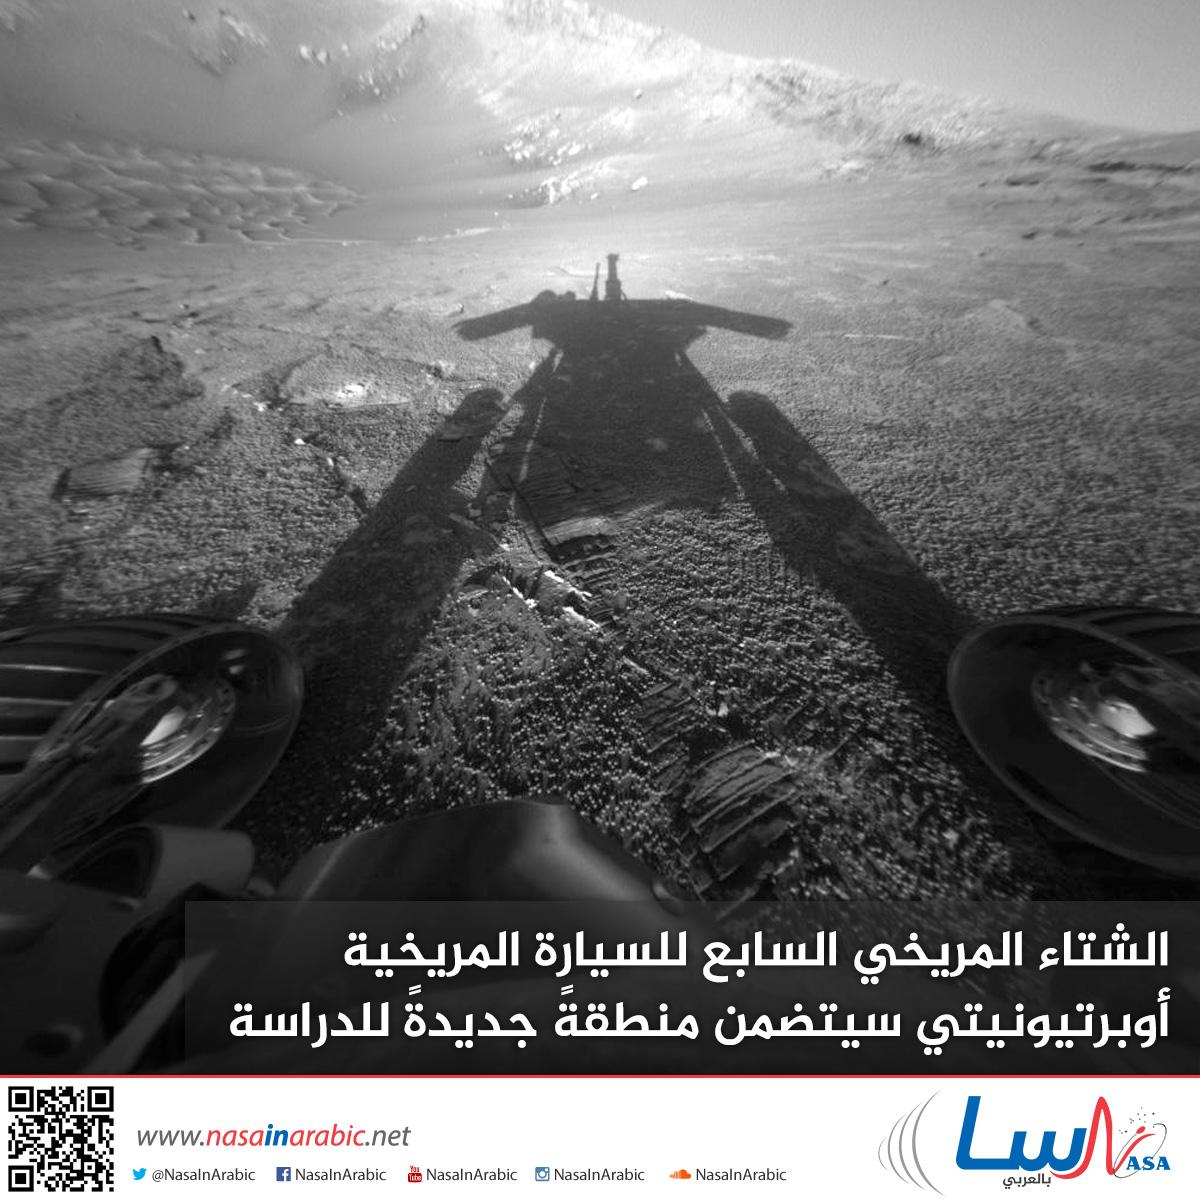 الشتاء المريخي السابع للسيارة المريخية أوبرتيونيتي سيتضمن منطقةً جديدةً للدراسة